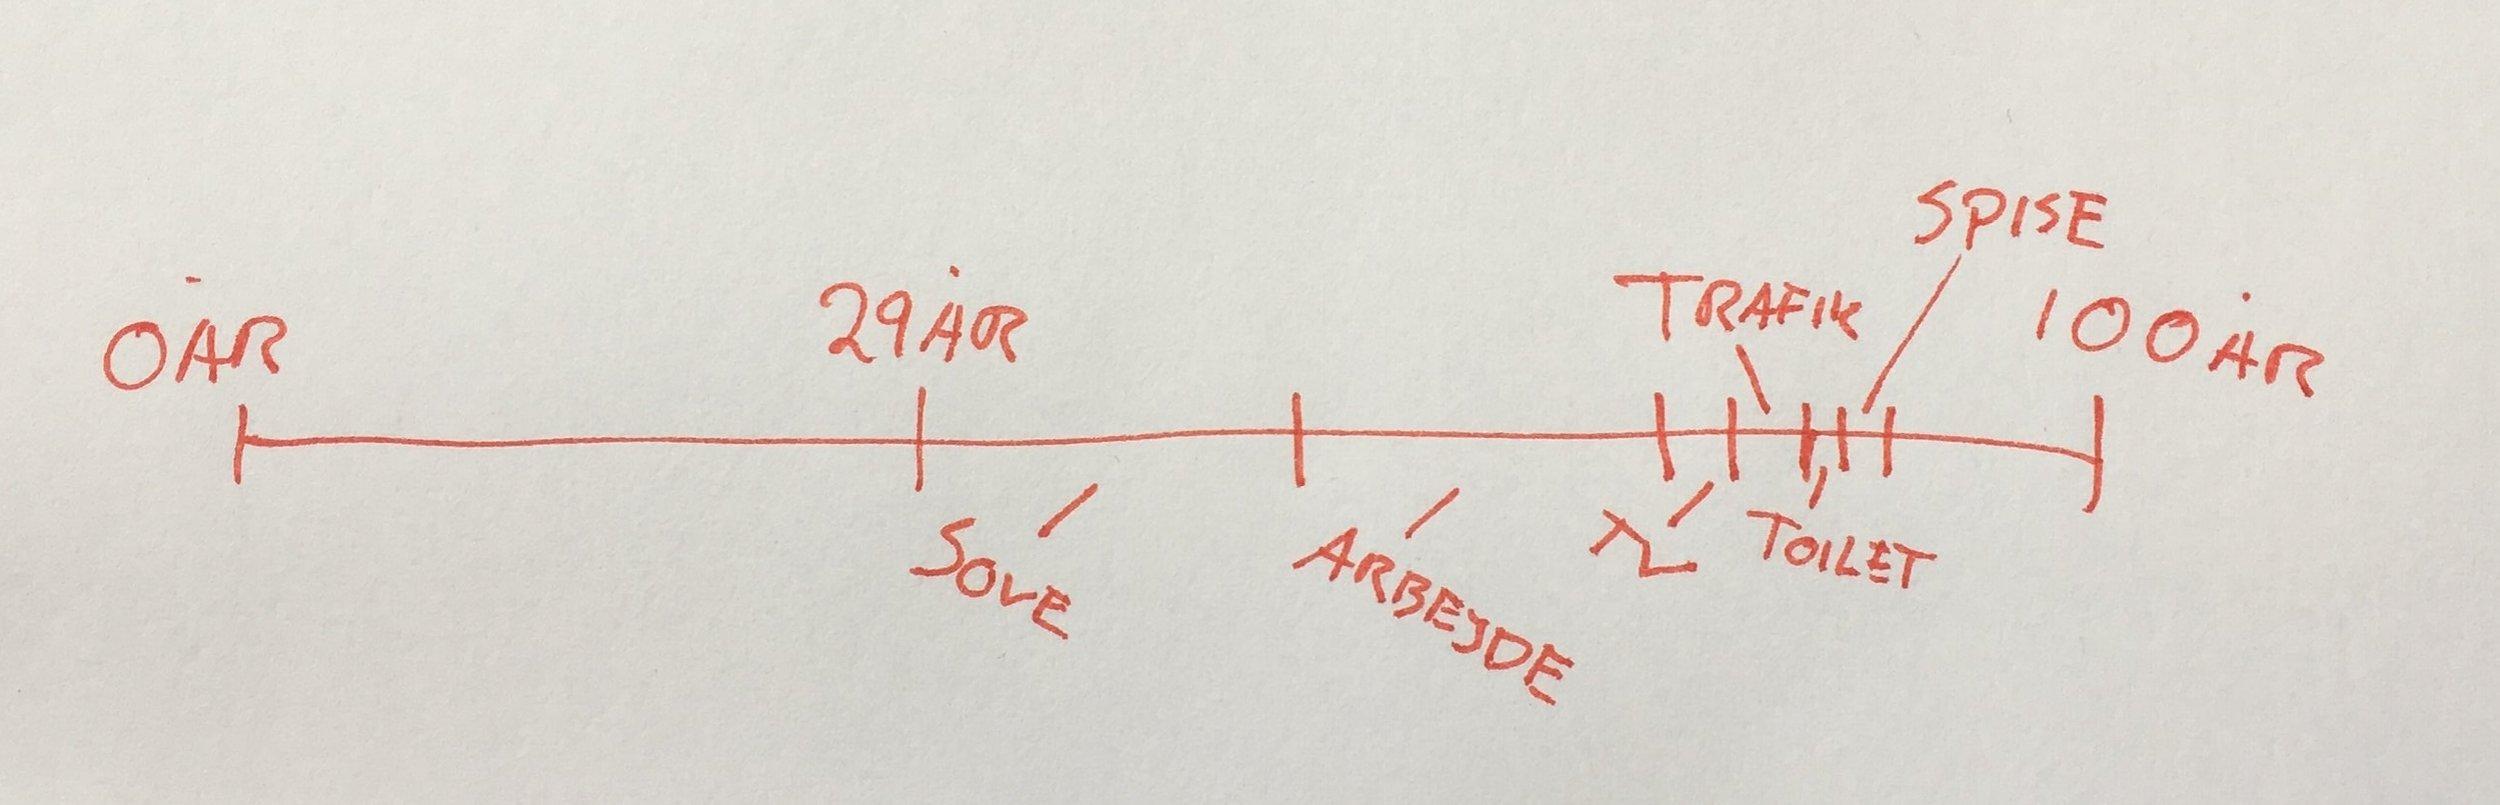 Cassius Clay modellen | Hvad bruger du din tid på? | Brug dit liv på dét, der giver mening for dig